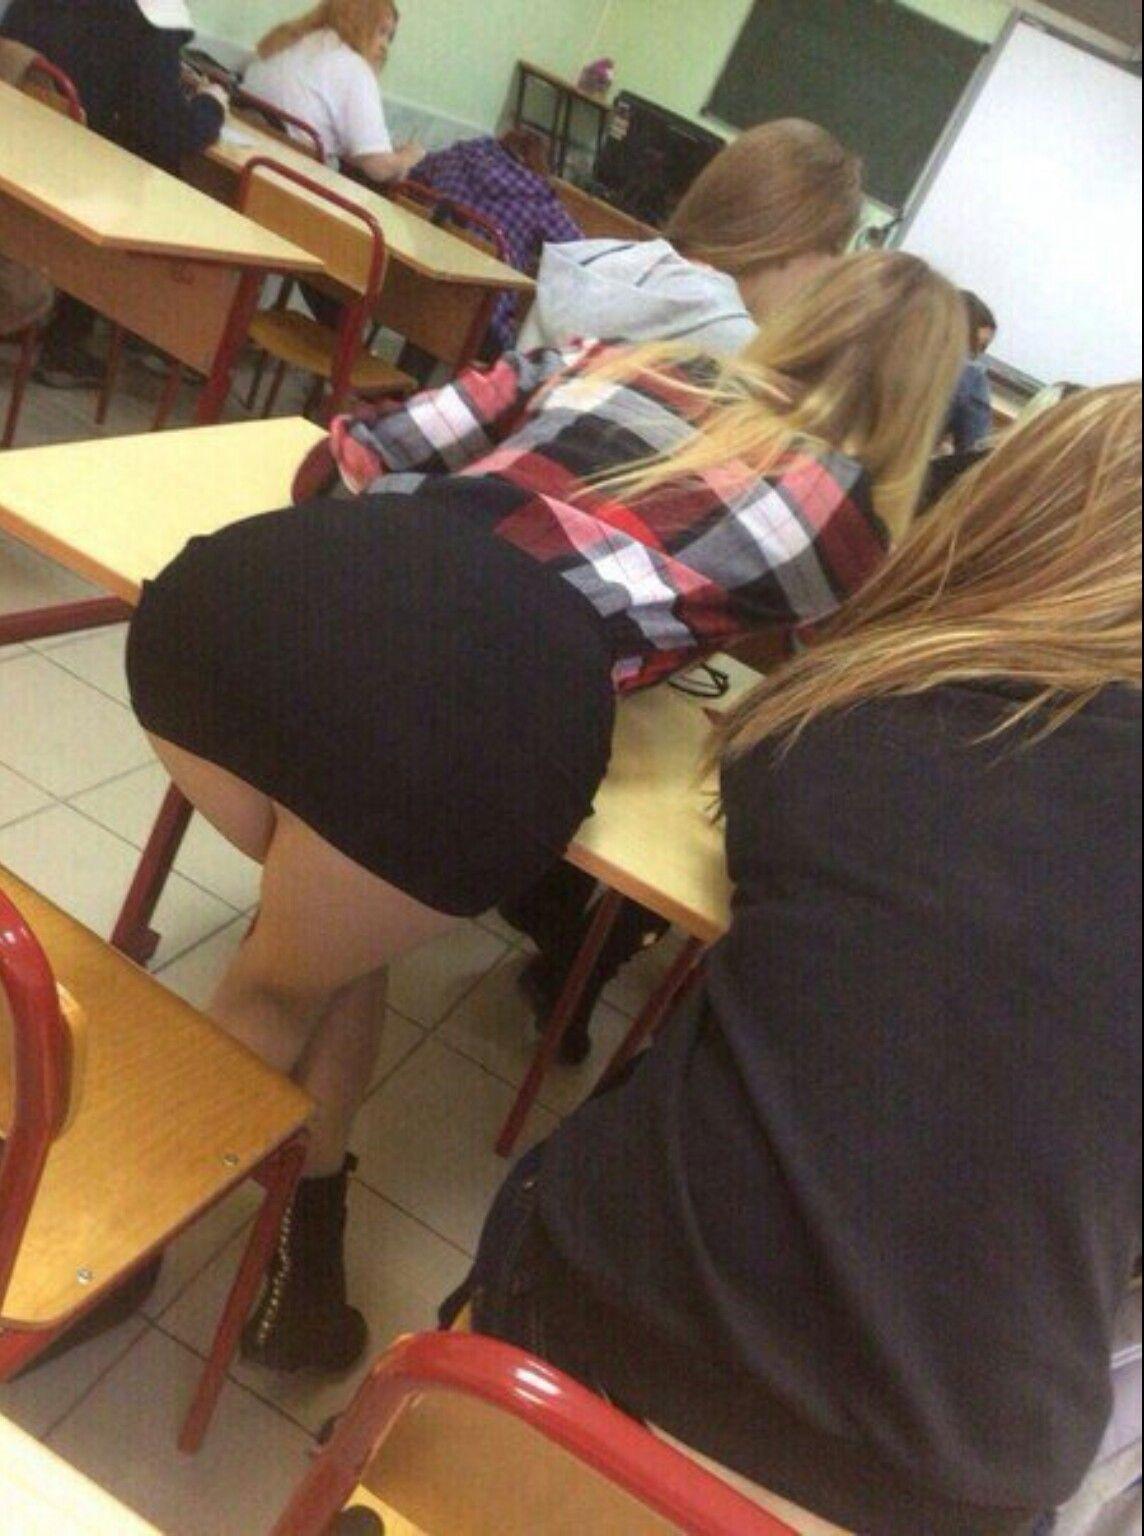 ロシアの女子校内で女の子たちがいかにエロいことしてるかよくわかる画像集(33枚)・28枚目